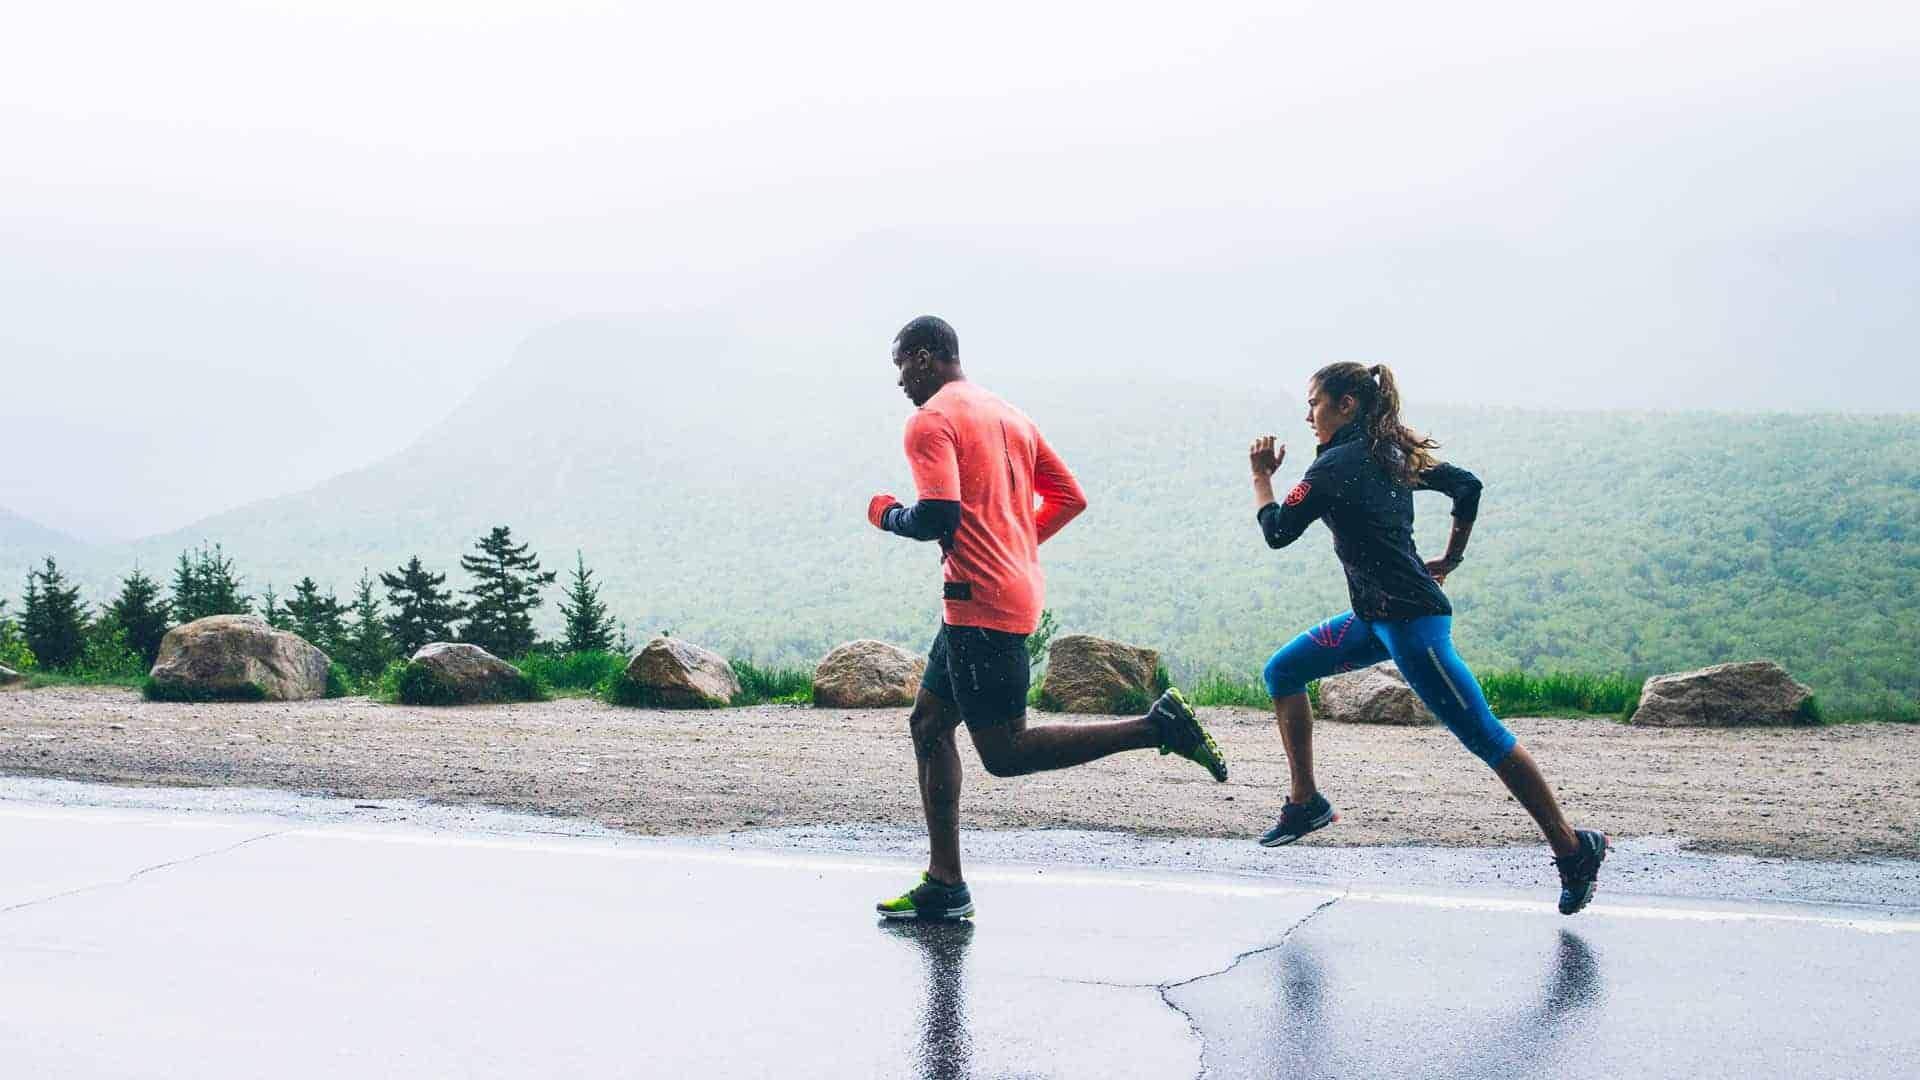 Nên tập chạy bền thường xuyên để bảo vệ khớp gối